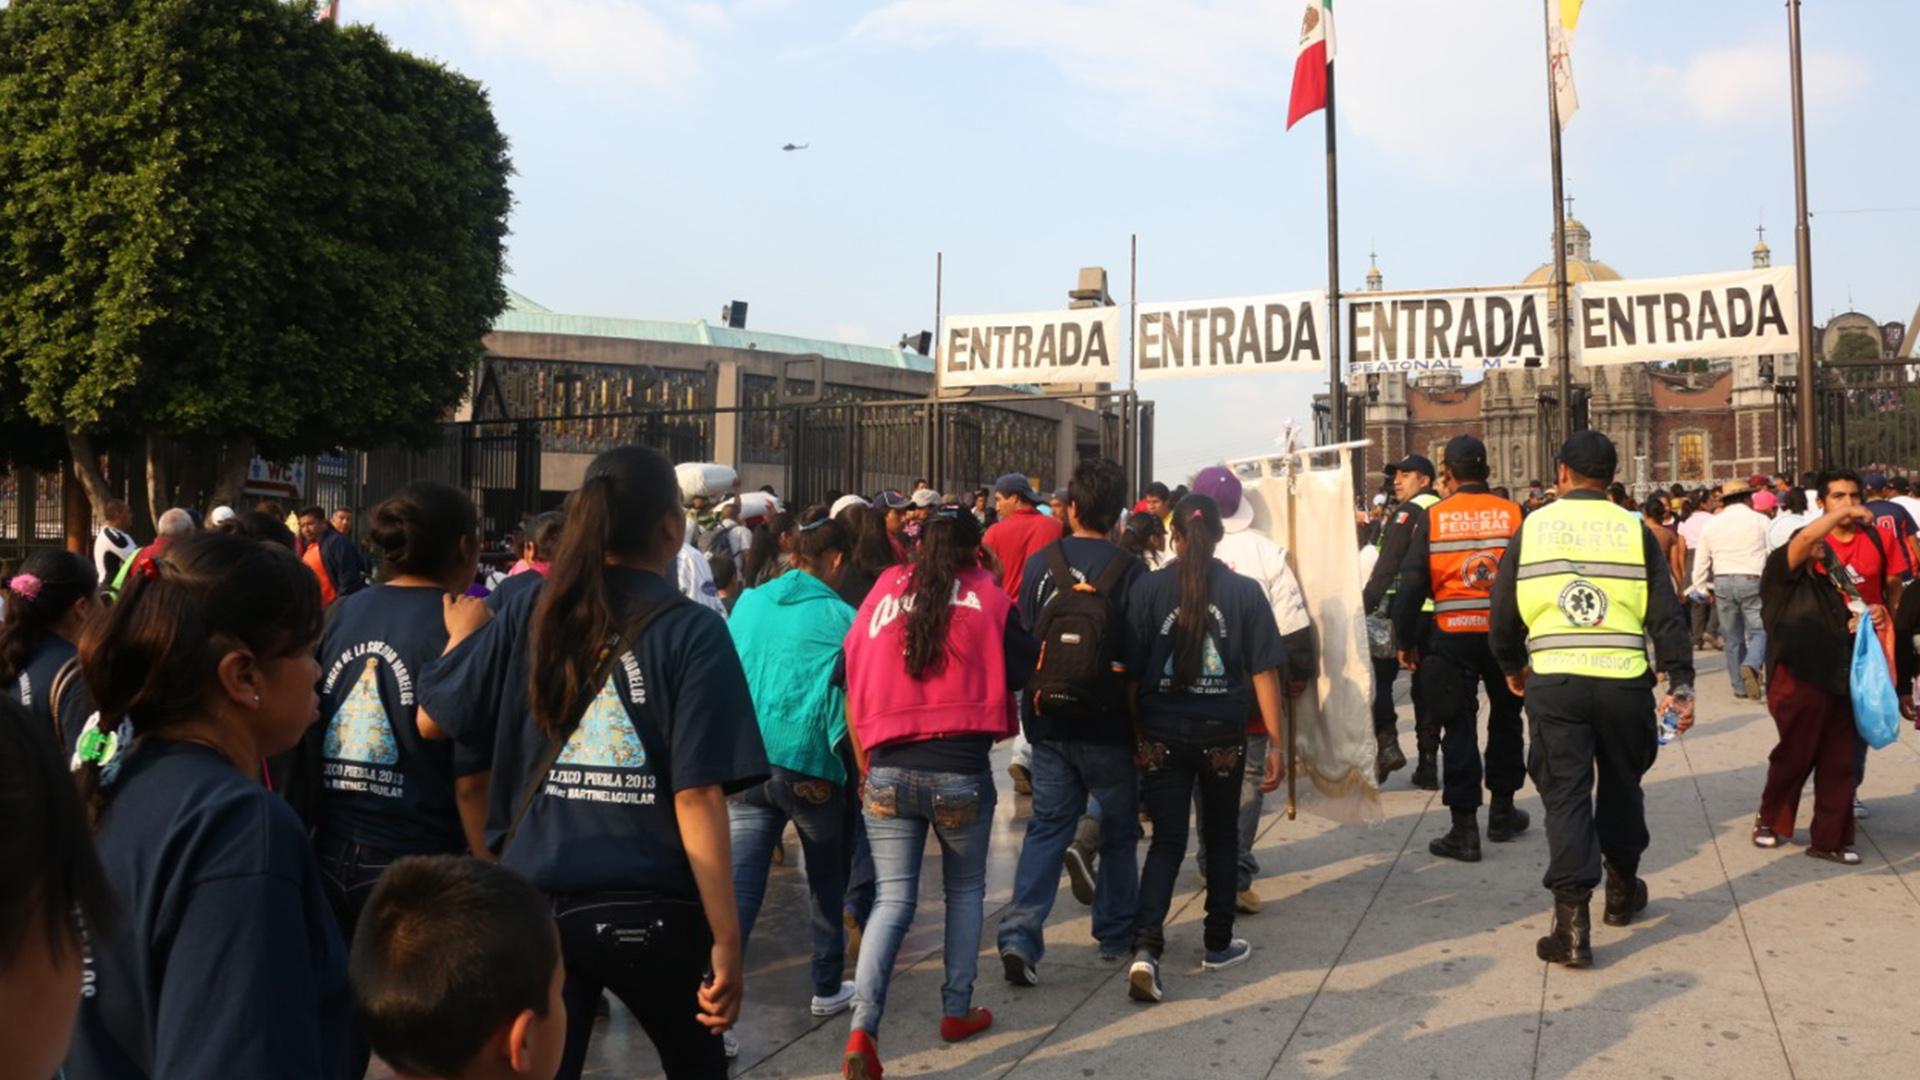 Cada año llegan a la Basílica de Guadalupe millones de peregrinos devotos a la Virgen del Tepeyac (Foto: Infobae México)